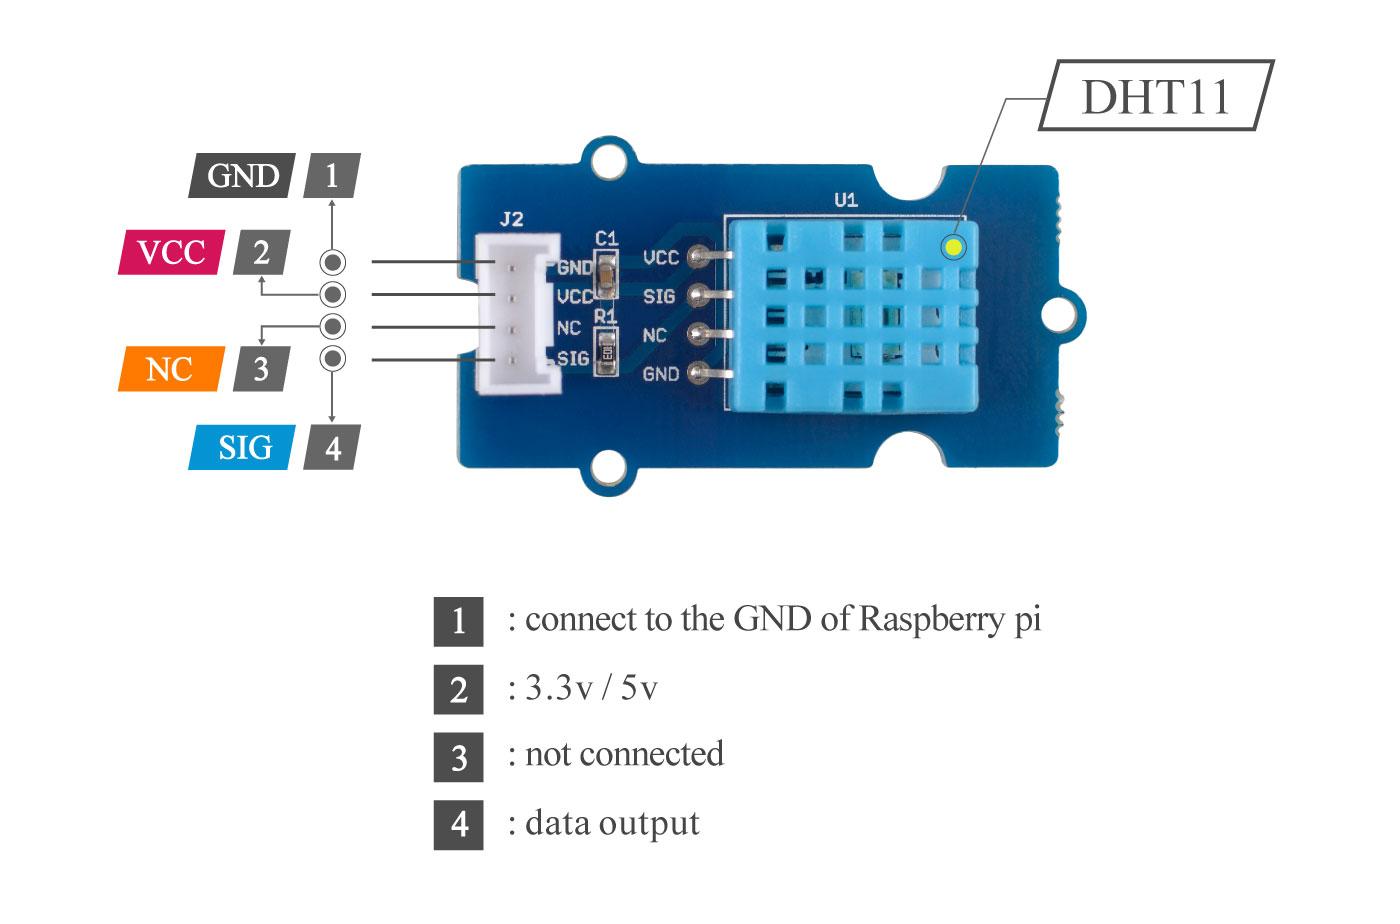 DHT11 pinmap